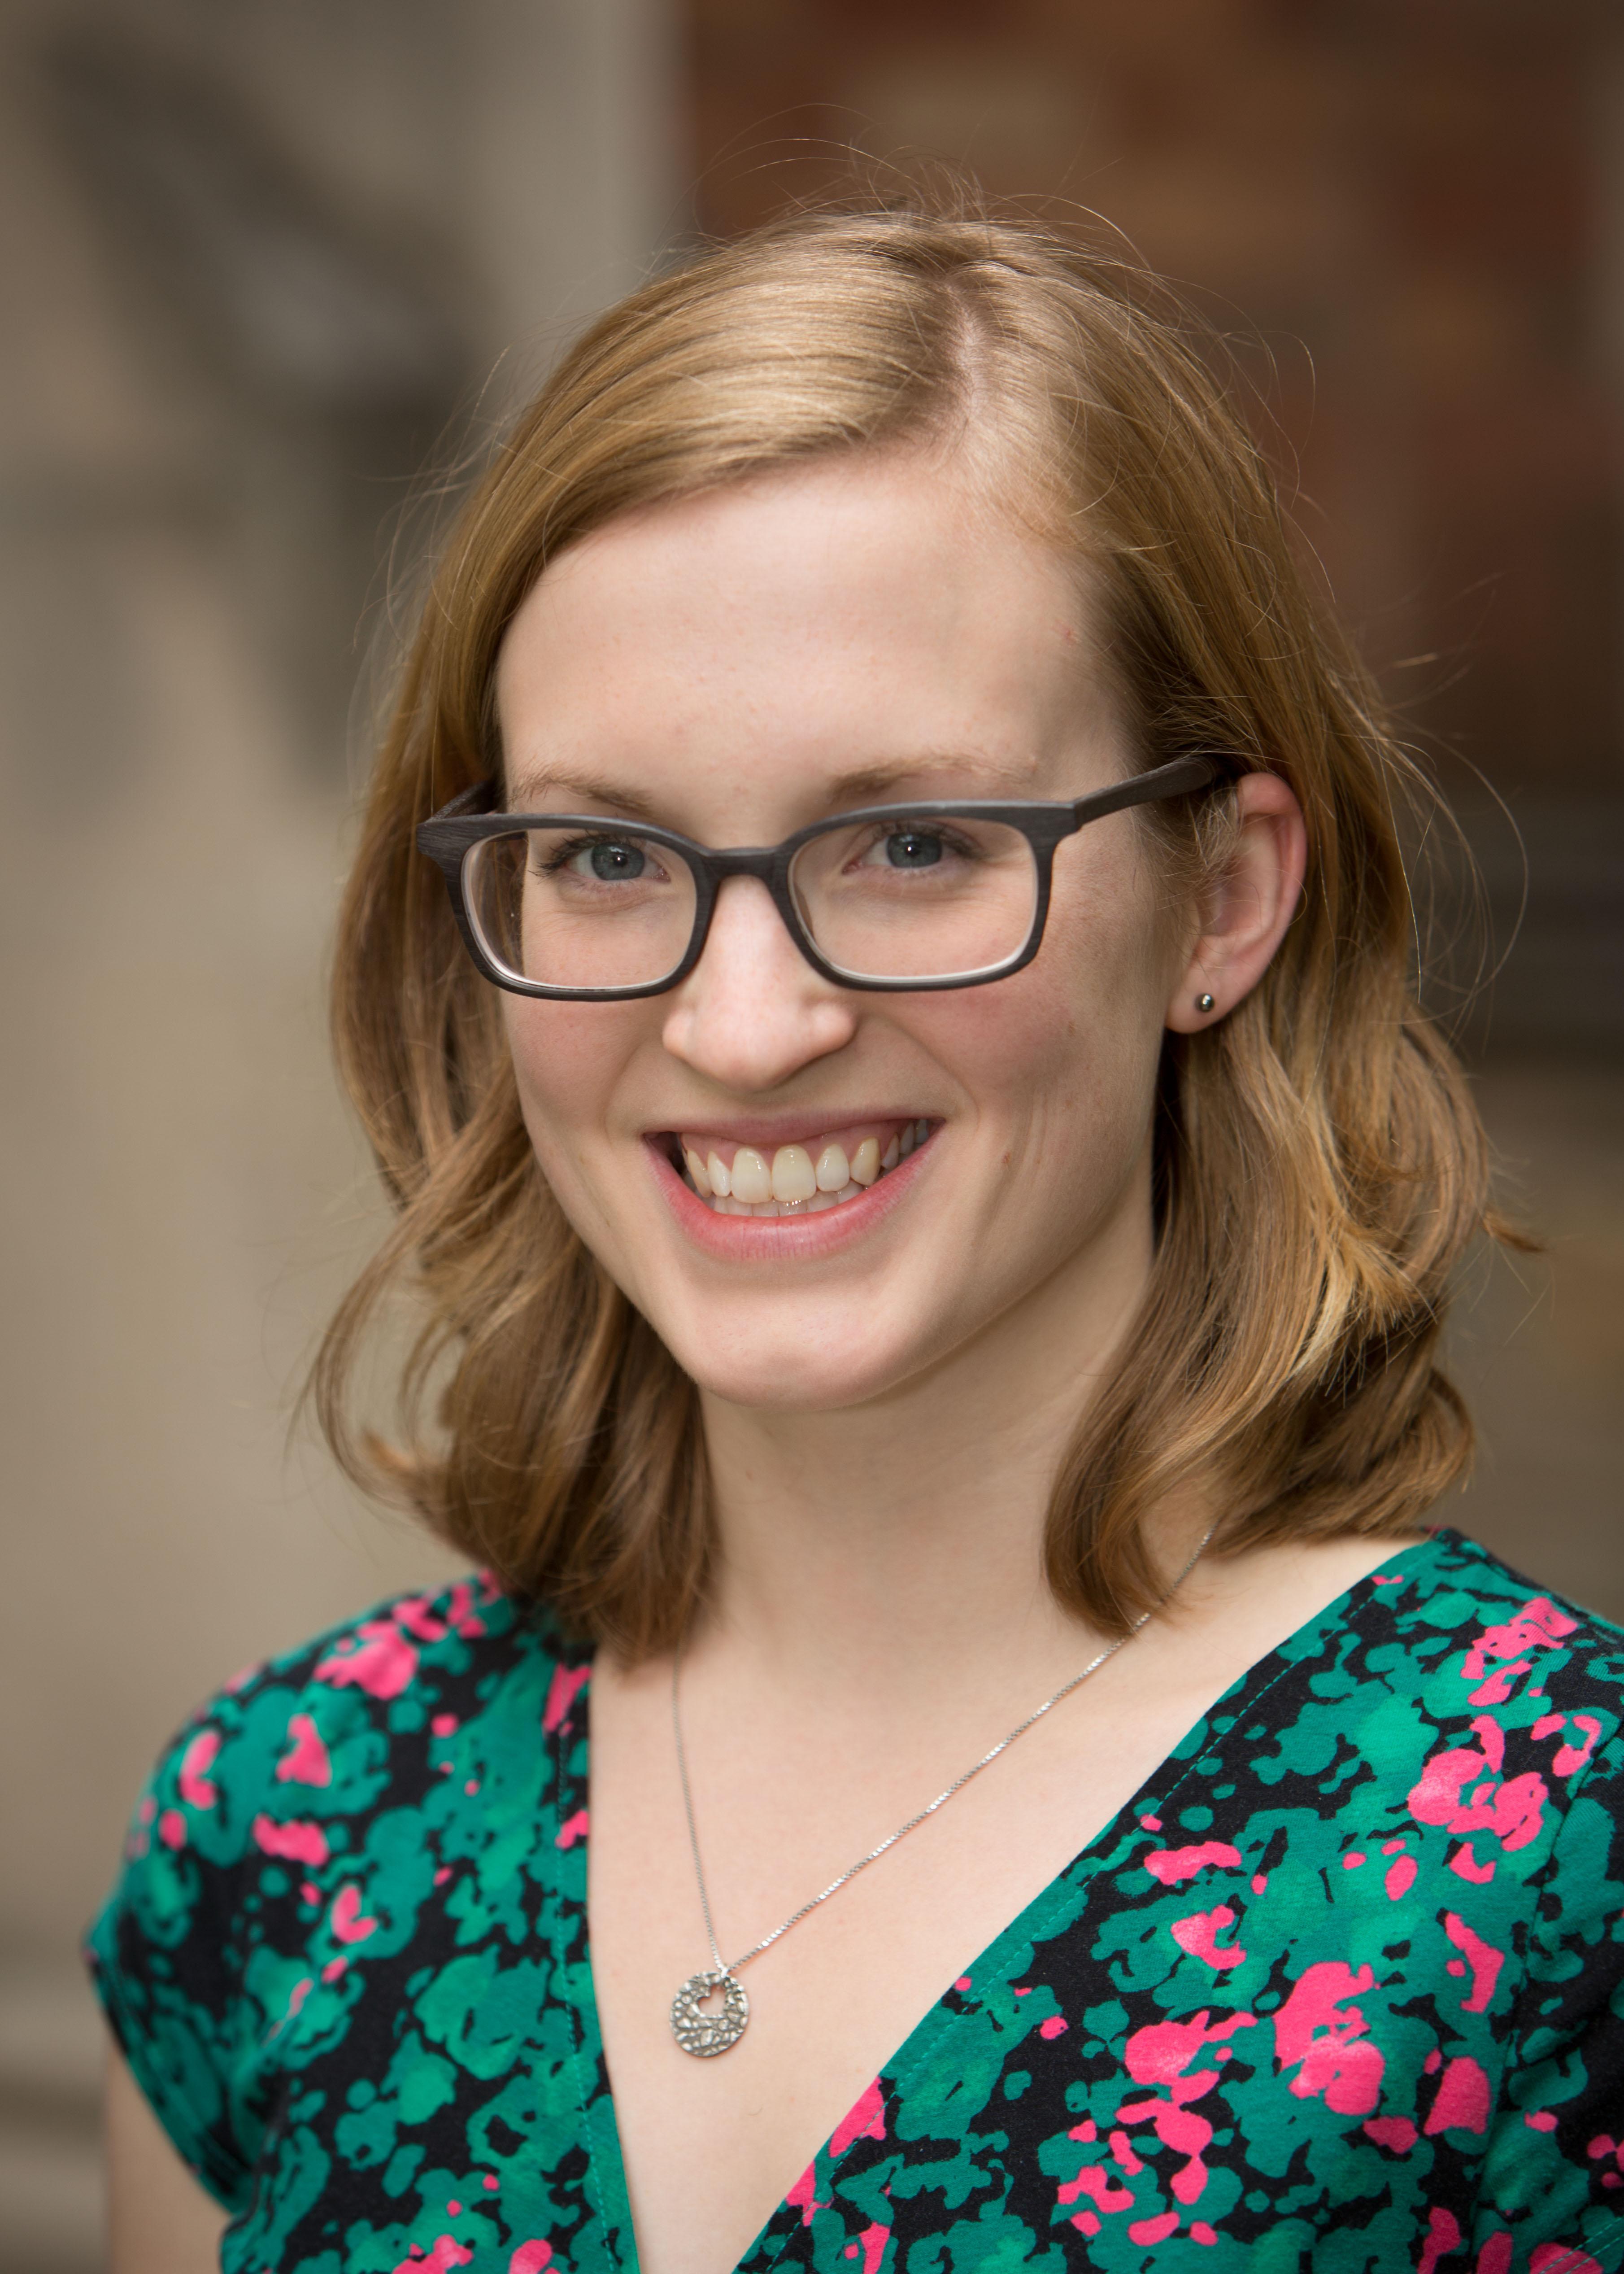 Rebecca Delventhal - PhD Molecular, Cellular, and Developmental Biology - Subject Matter Expert from Kolabtree